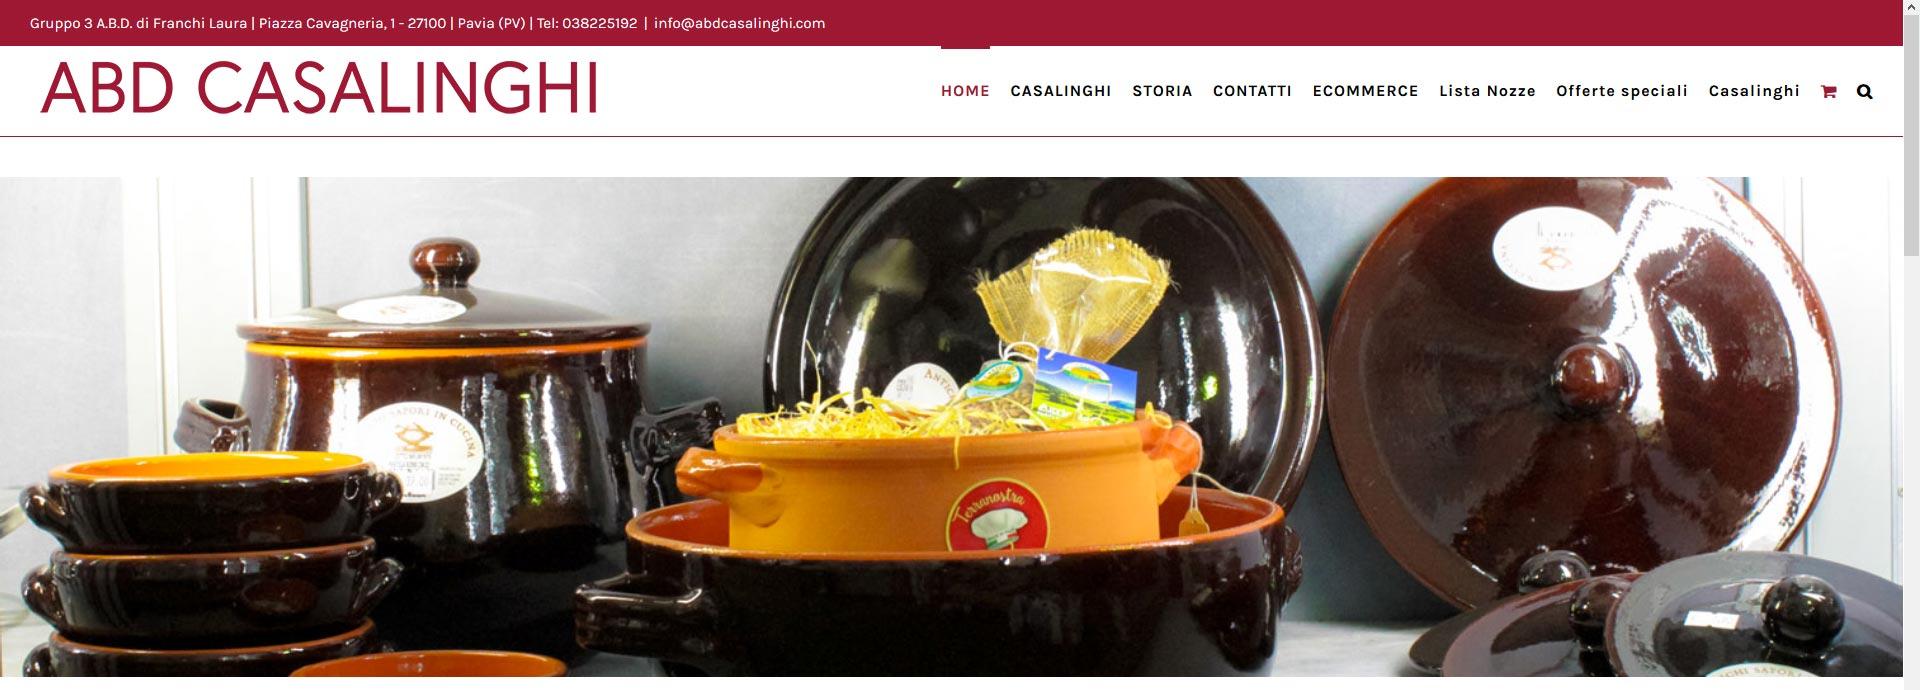 Abd casalinghi annuncia il nuovo sito gruppo 3 a b d - Casalinghi design ...